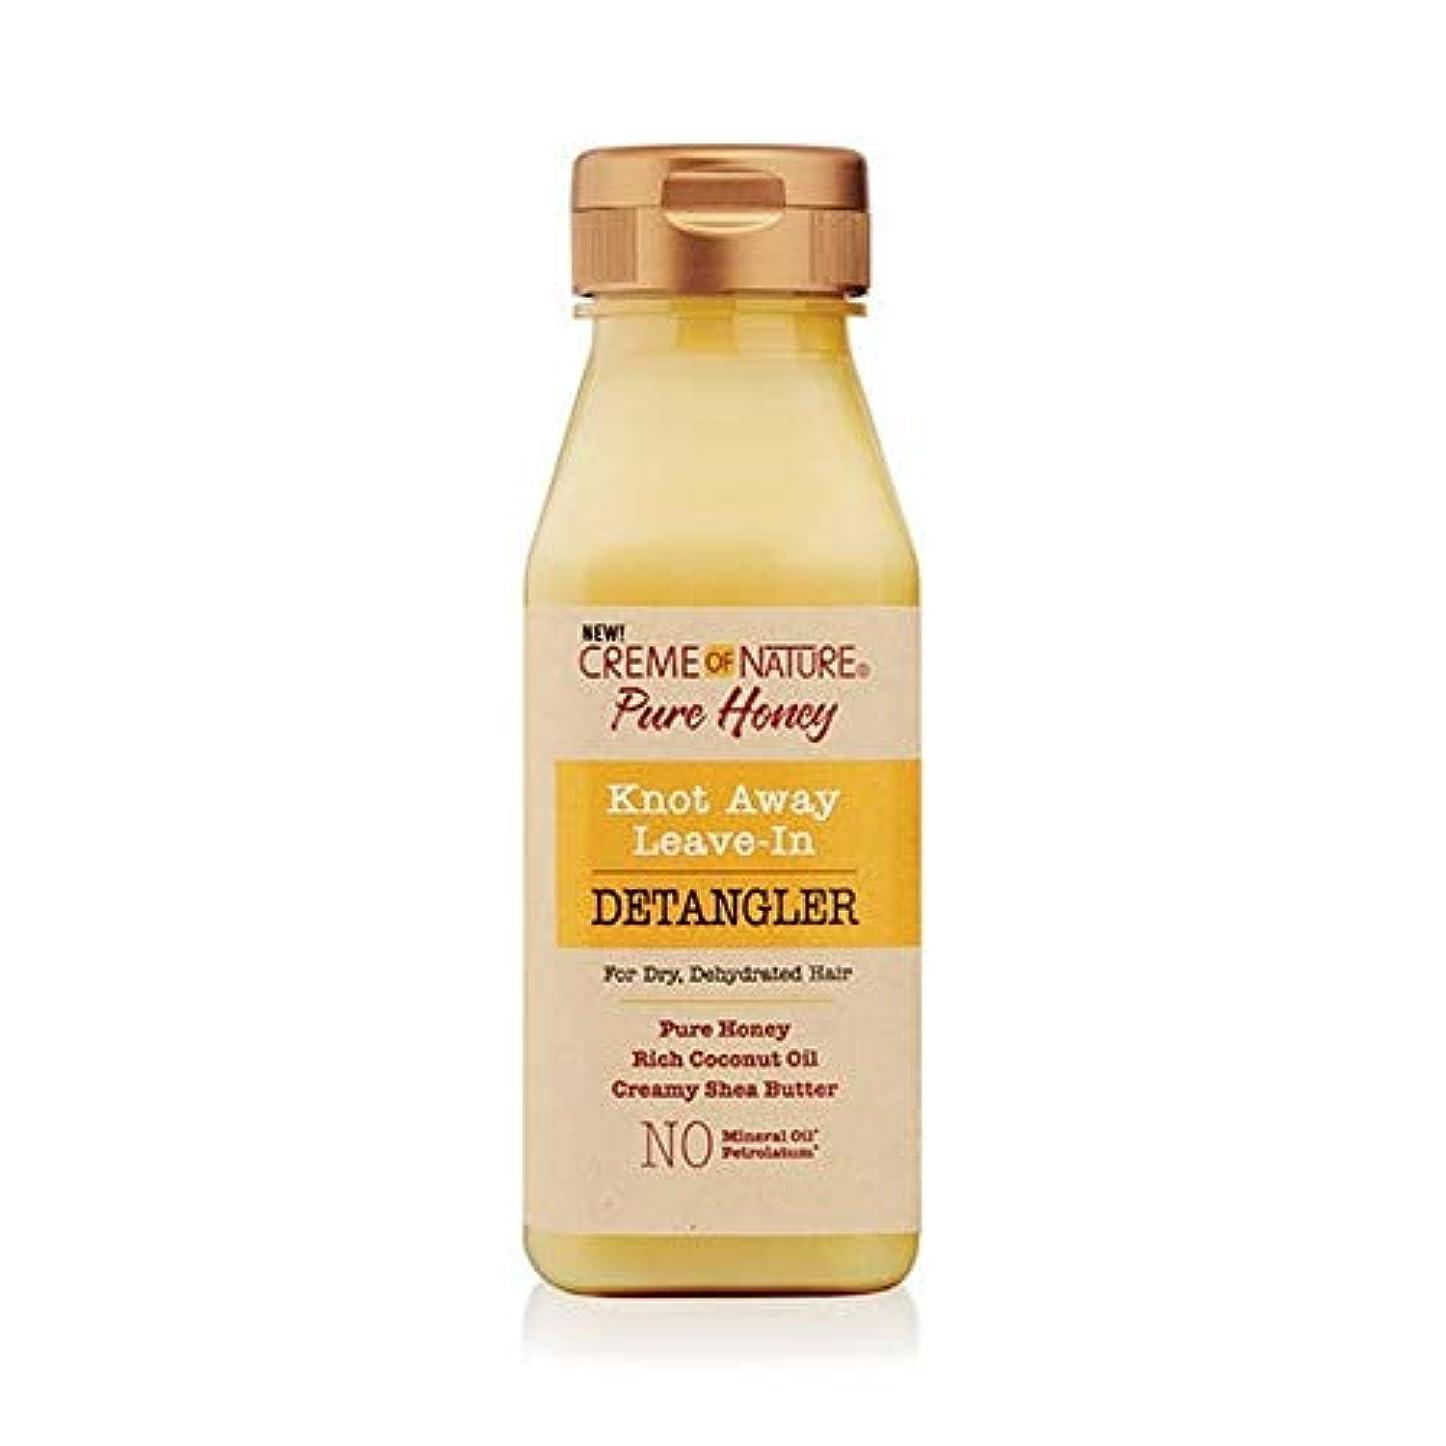 その他荒廃するパンダ[Creme of Nature ] 自然の純粋な蜂蜜の結び目のクリームは離れDetanglerに残します - Creme of Nature Pure Honey Knot Away Leave in Detangler...